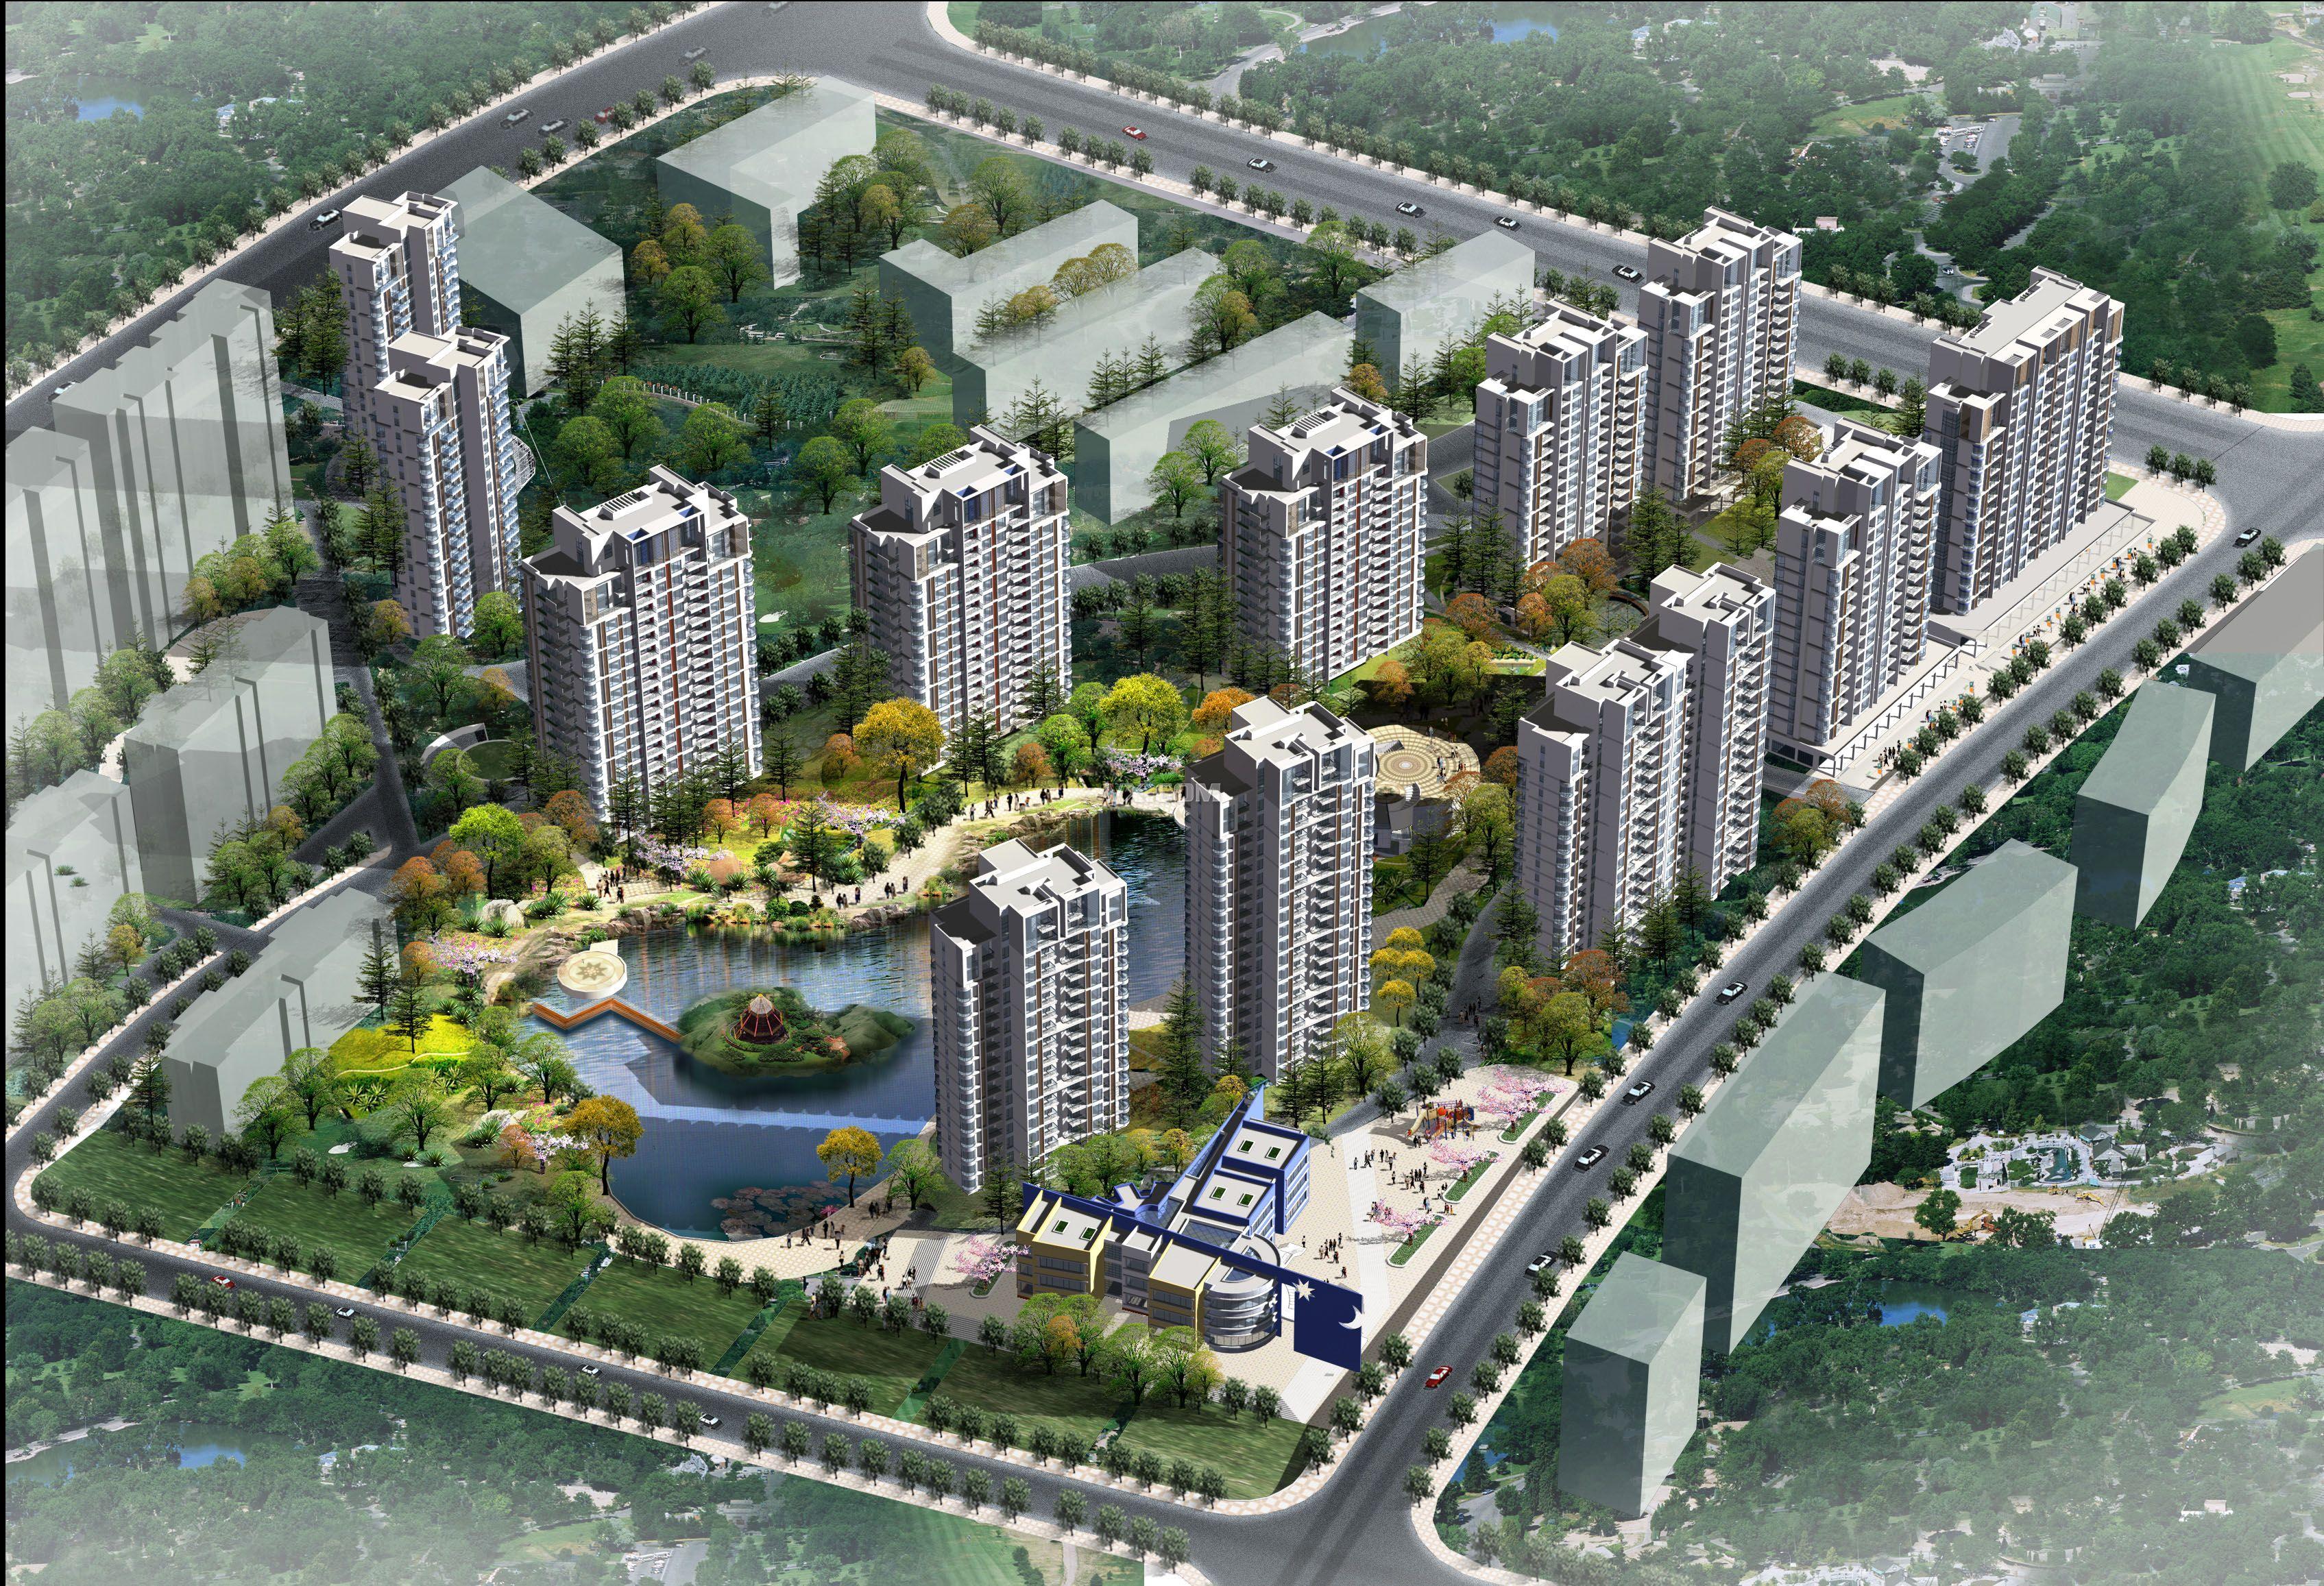 宁波高教园区内容|宁波高教园区版面设计